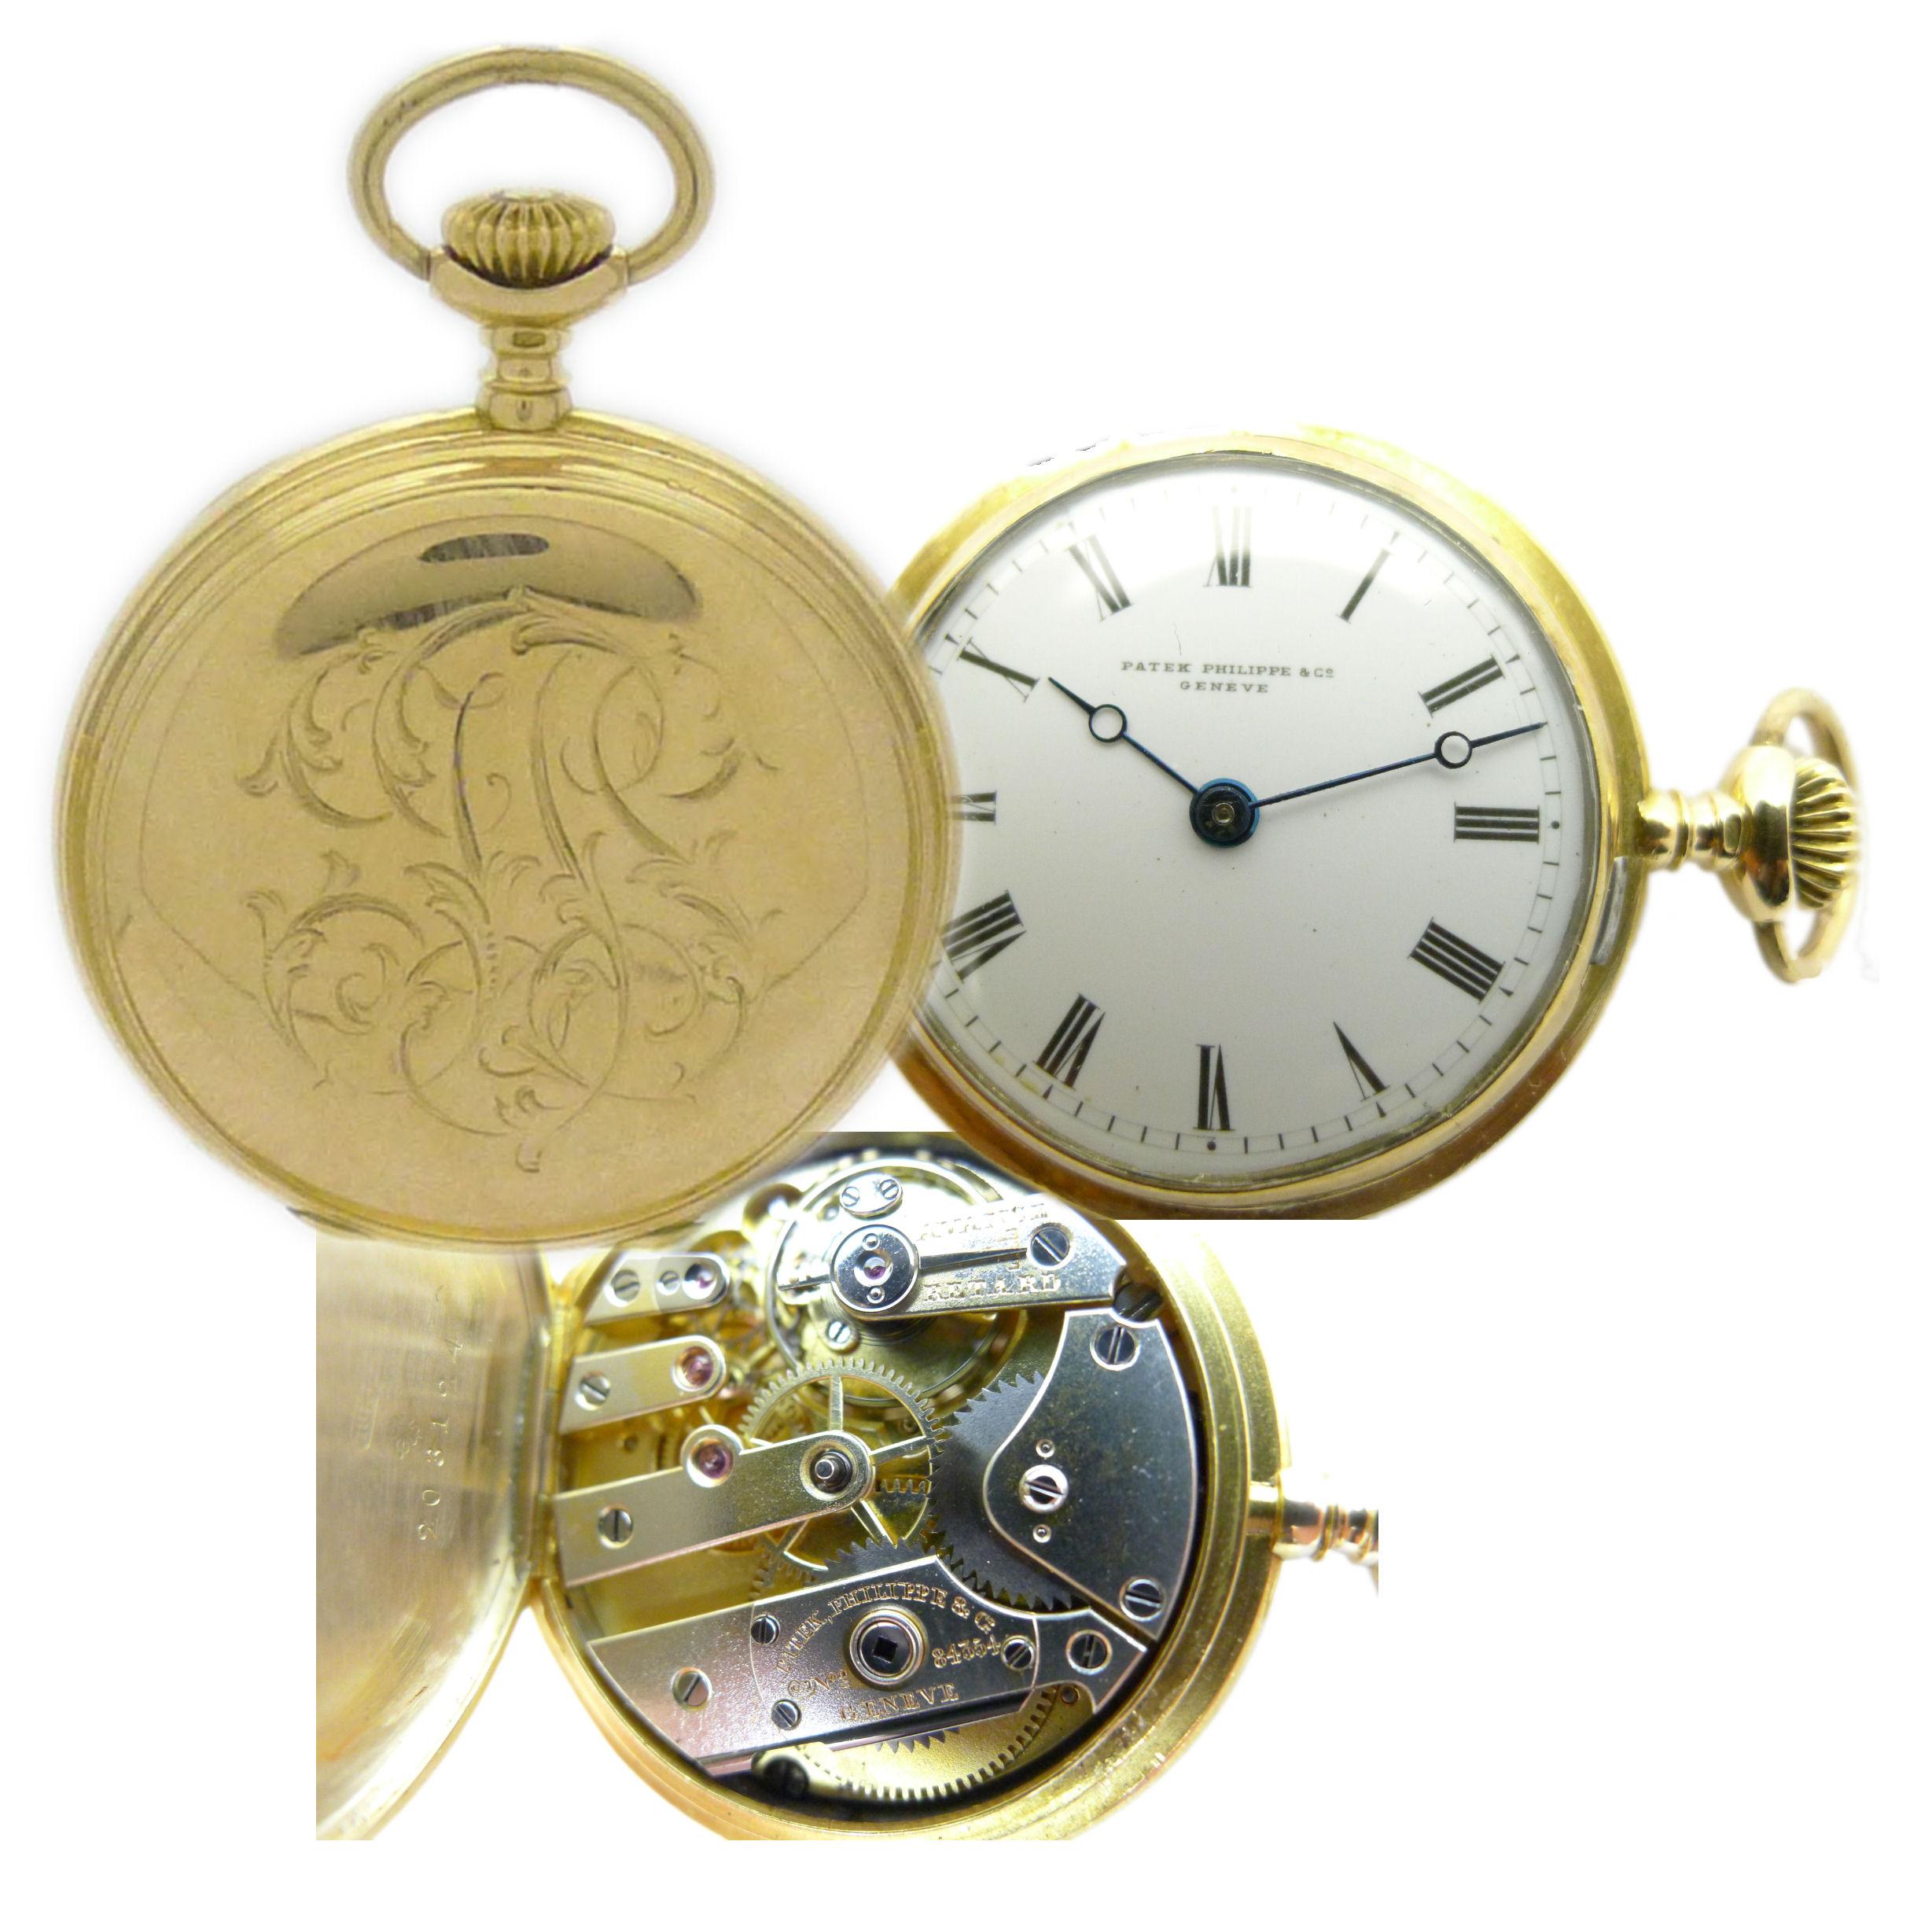 Patek philippe geneve ohne sekunde taschenuhr 18kt gold ca 33 5 mm von ca 1893 ebay for Patek philippe geneve